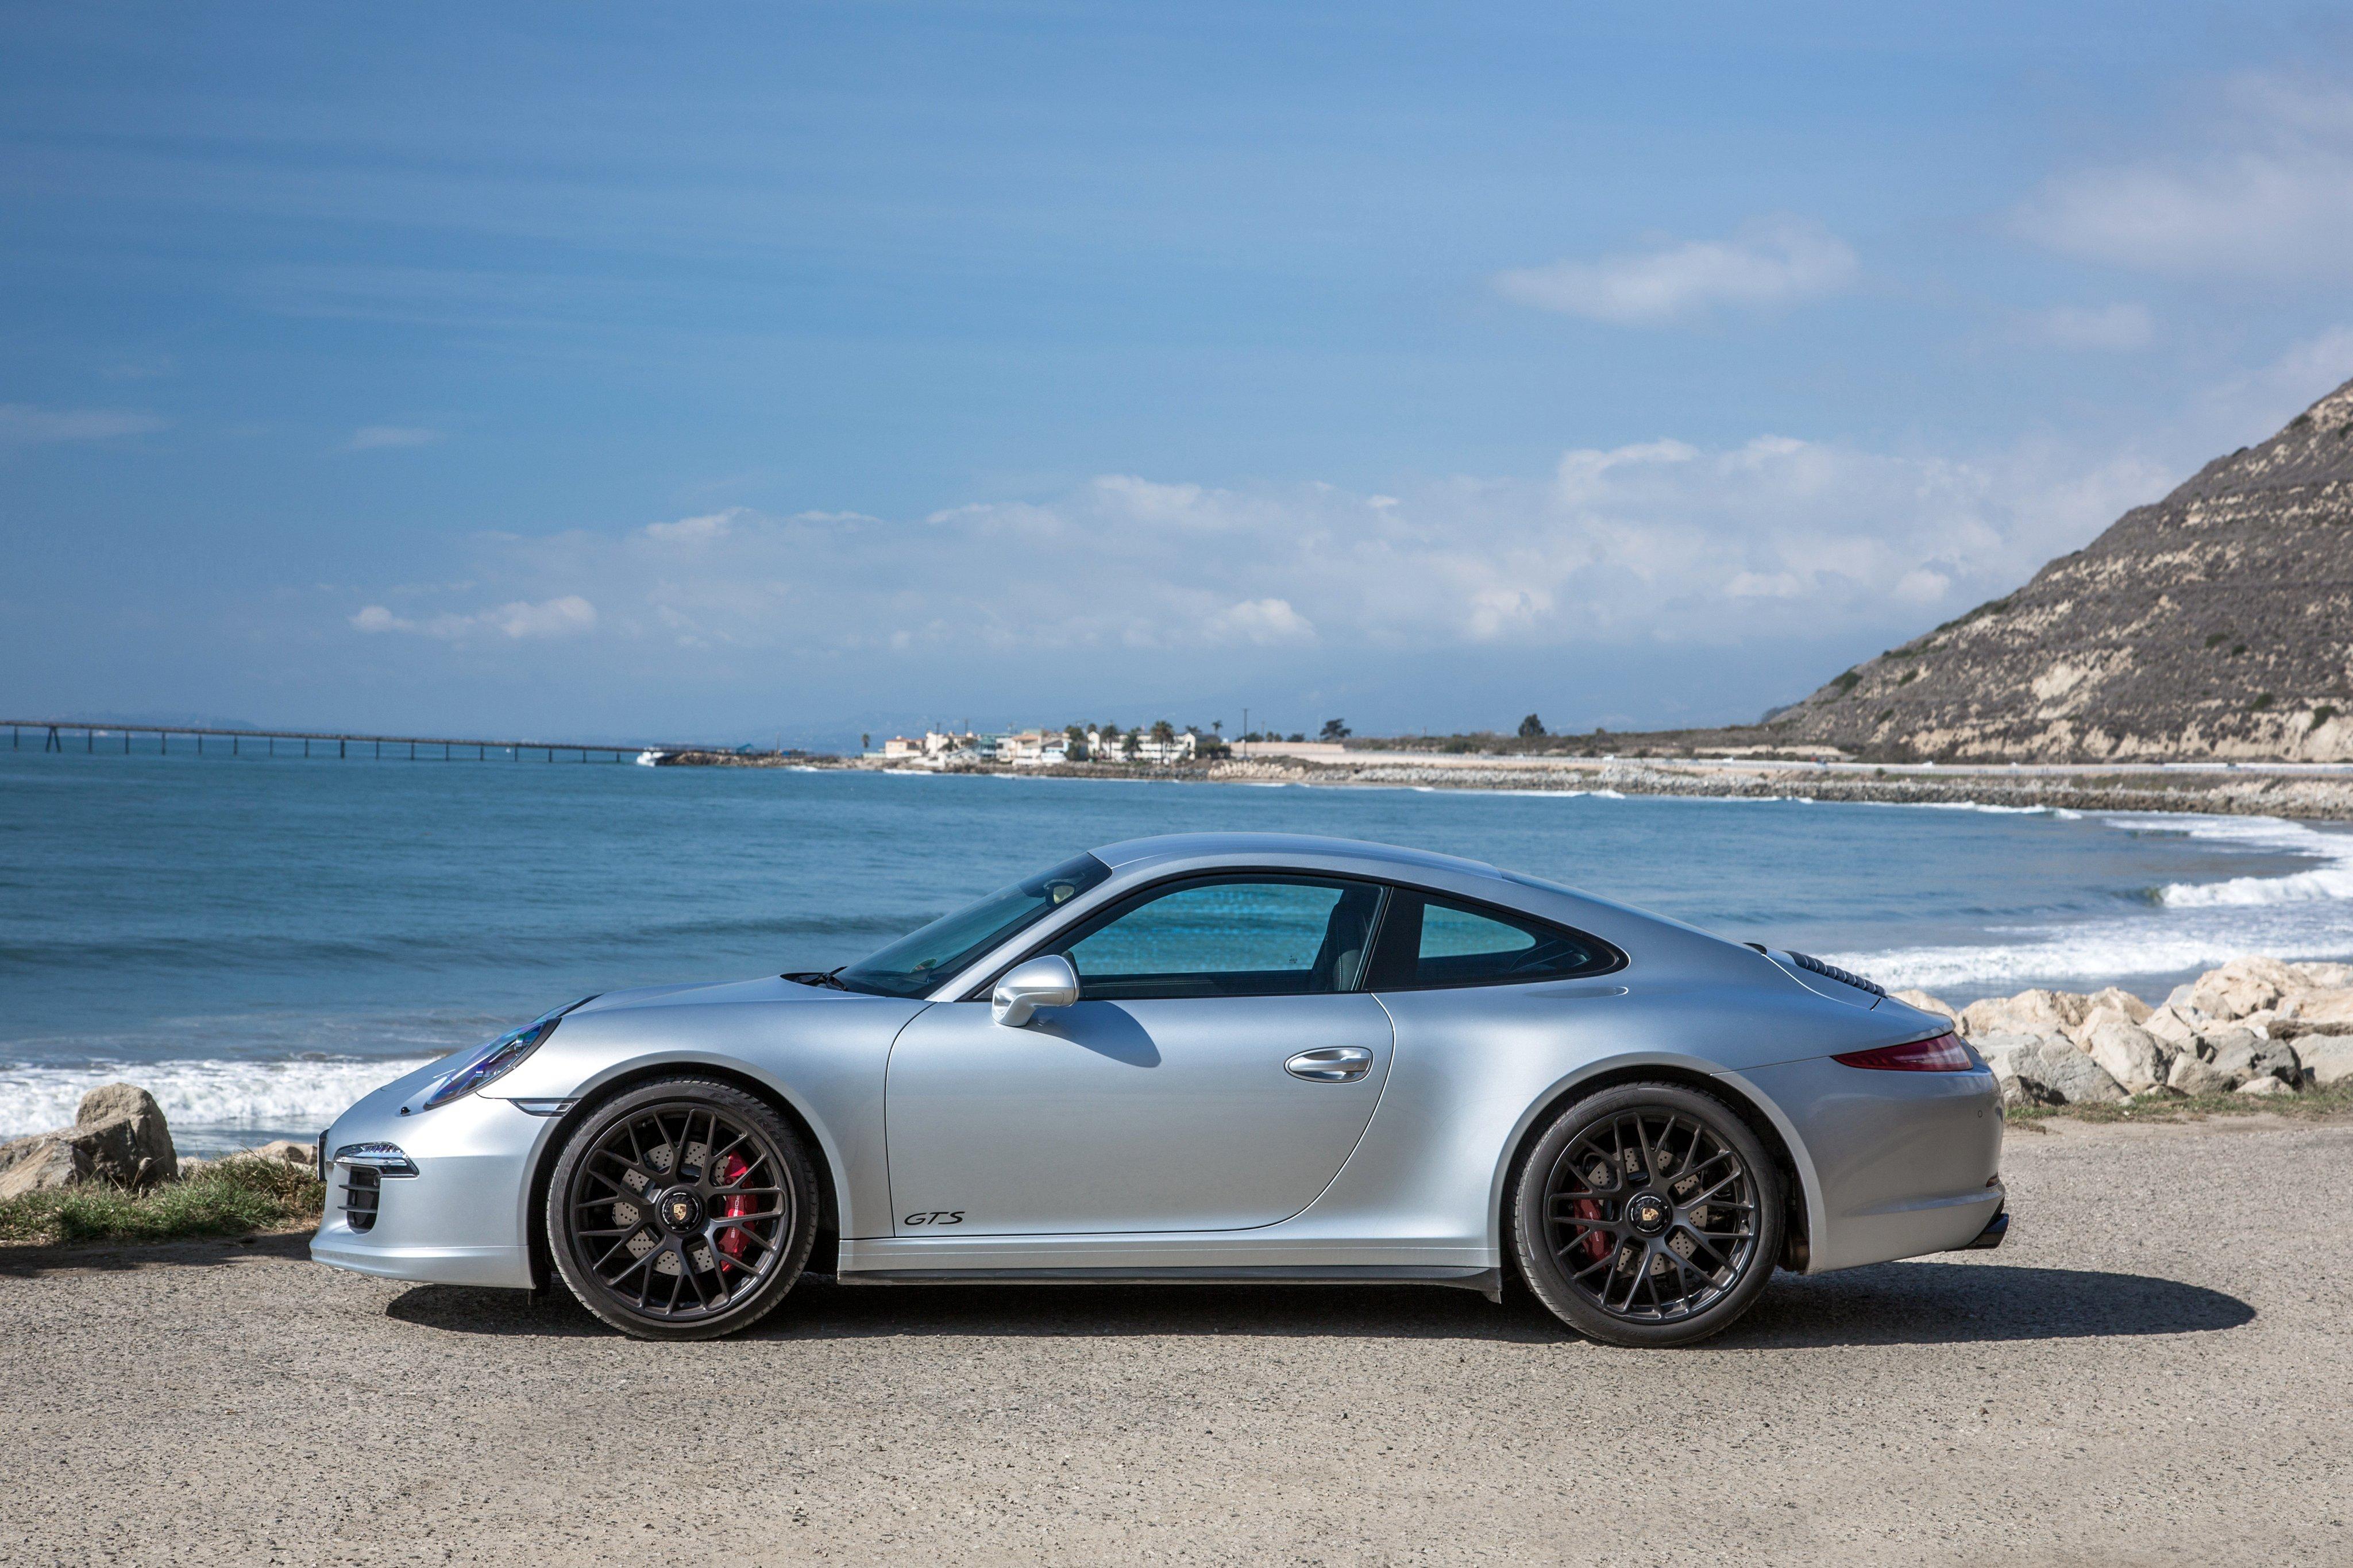 2015 porsche 911 carrera gts coupe 991 supercar wallpaper 4096x2730 582109 wallpaperup - 2015 Porsche 911 Coupe